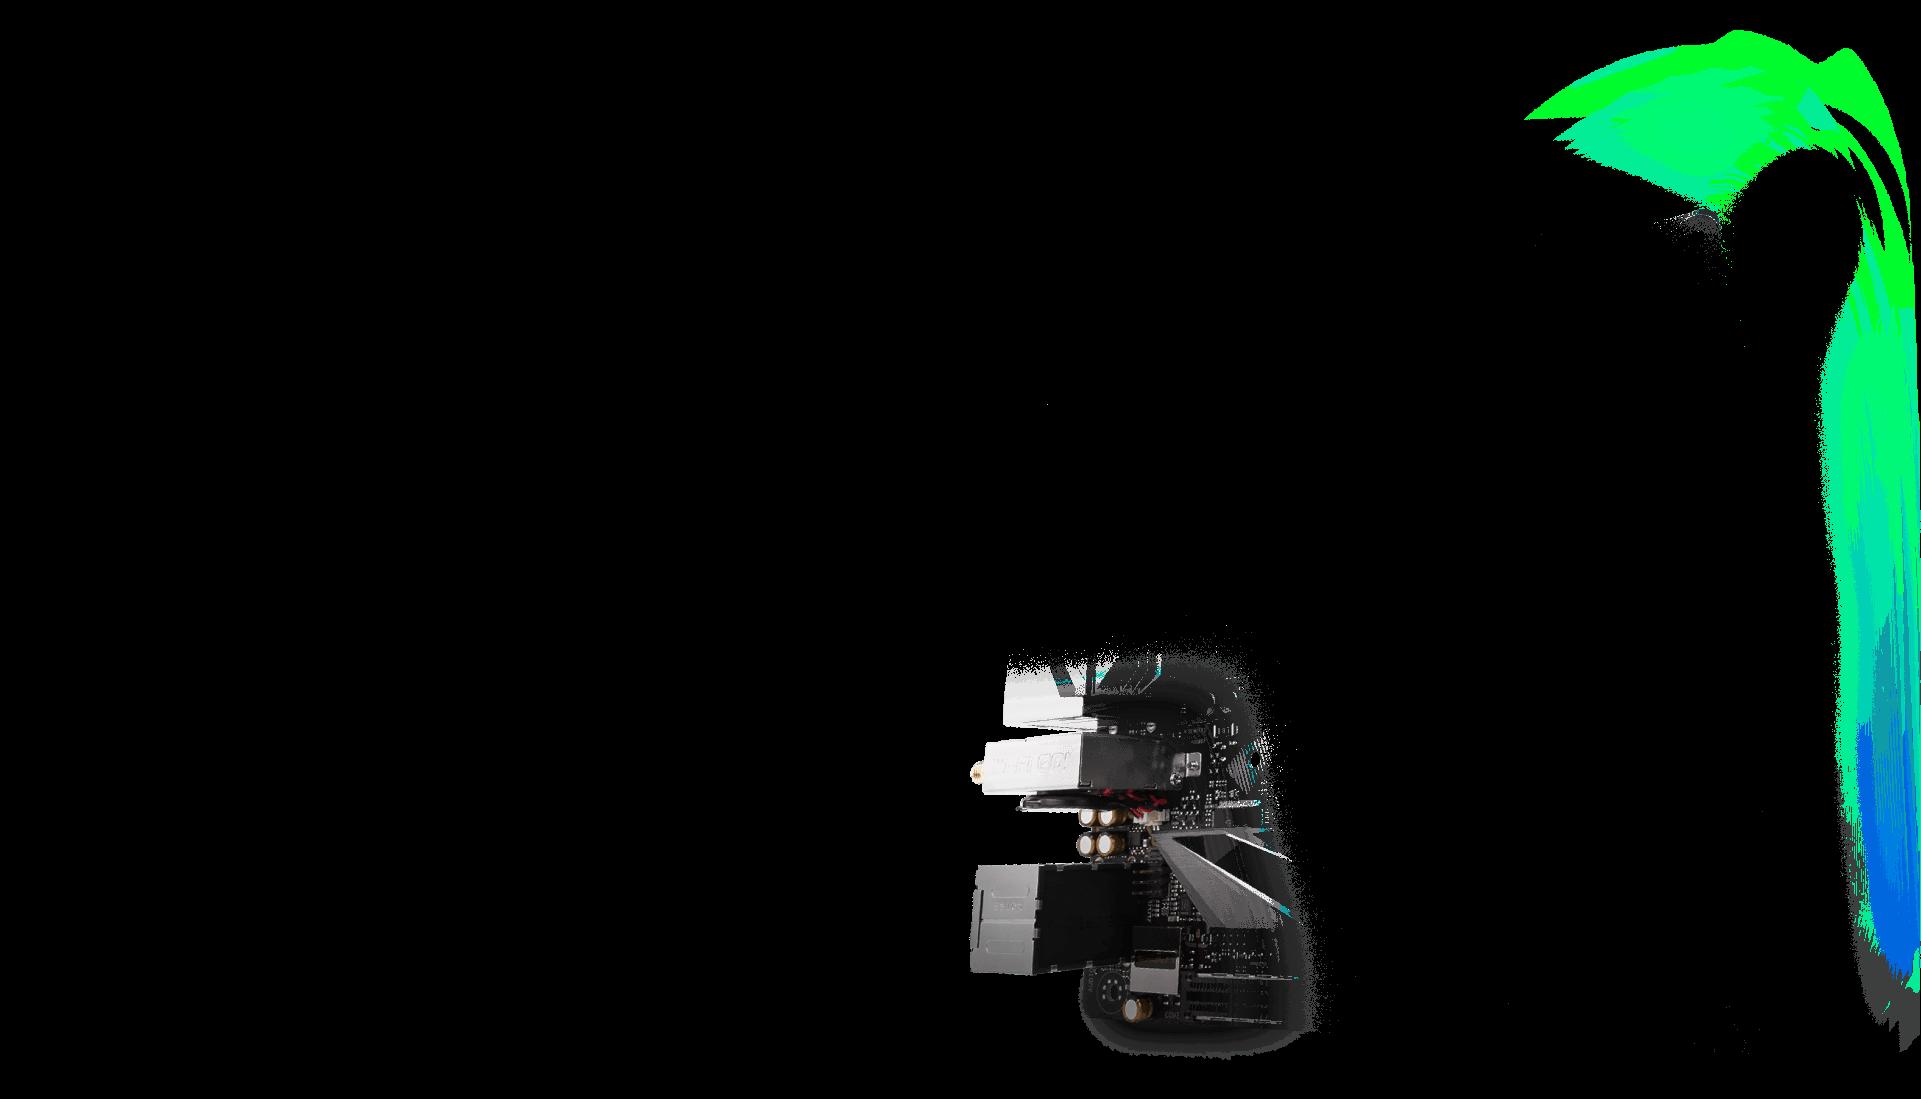 Přidejte se k Republic of Gamers s deskou ROG Strix B250I a opanujte každé bitevn pole